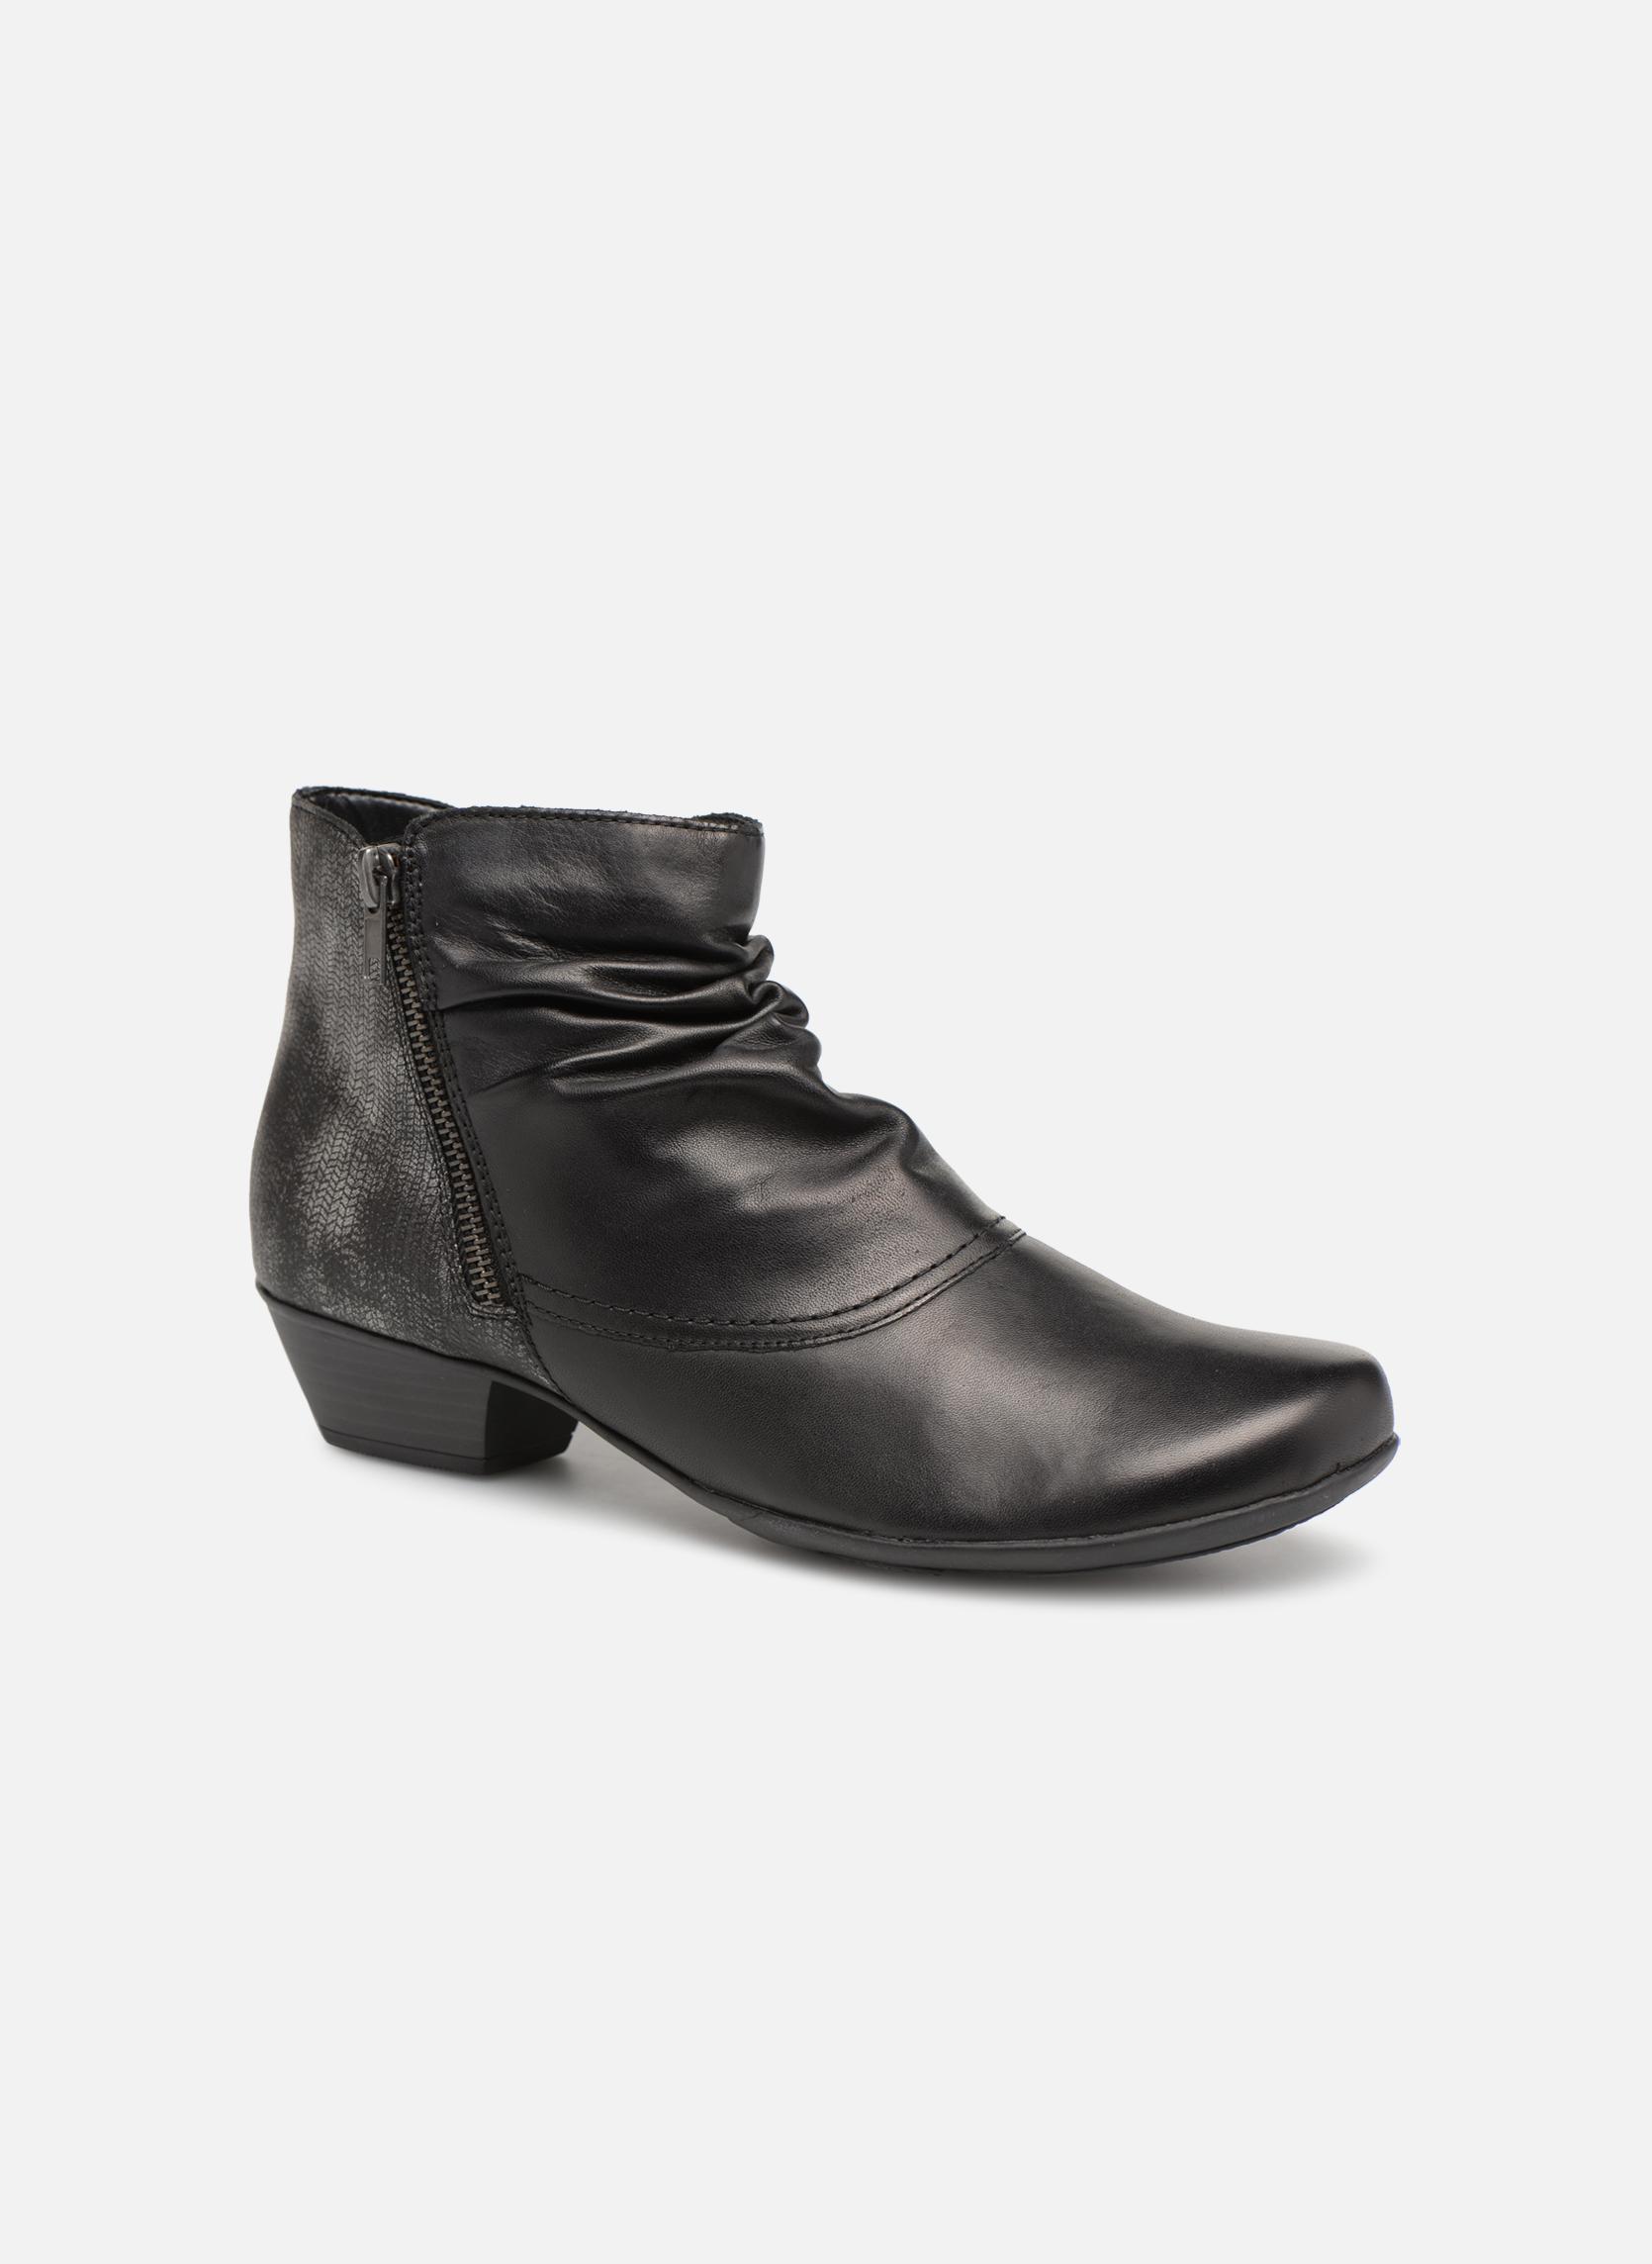 Zapatos de hombre y mujer de promoción por tiempo limitado Remonte Nono D7382 (Negro) - Botines  en Más cómodo